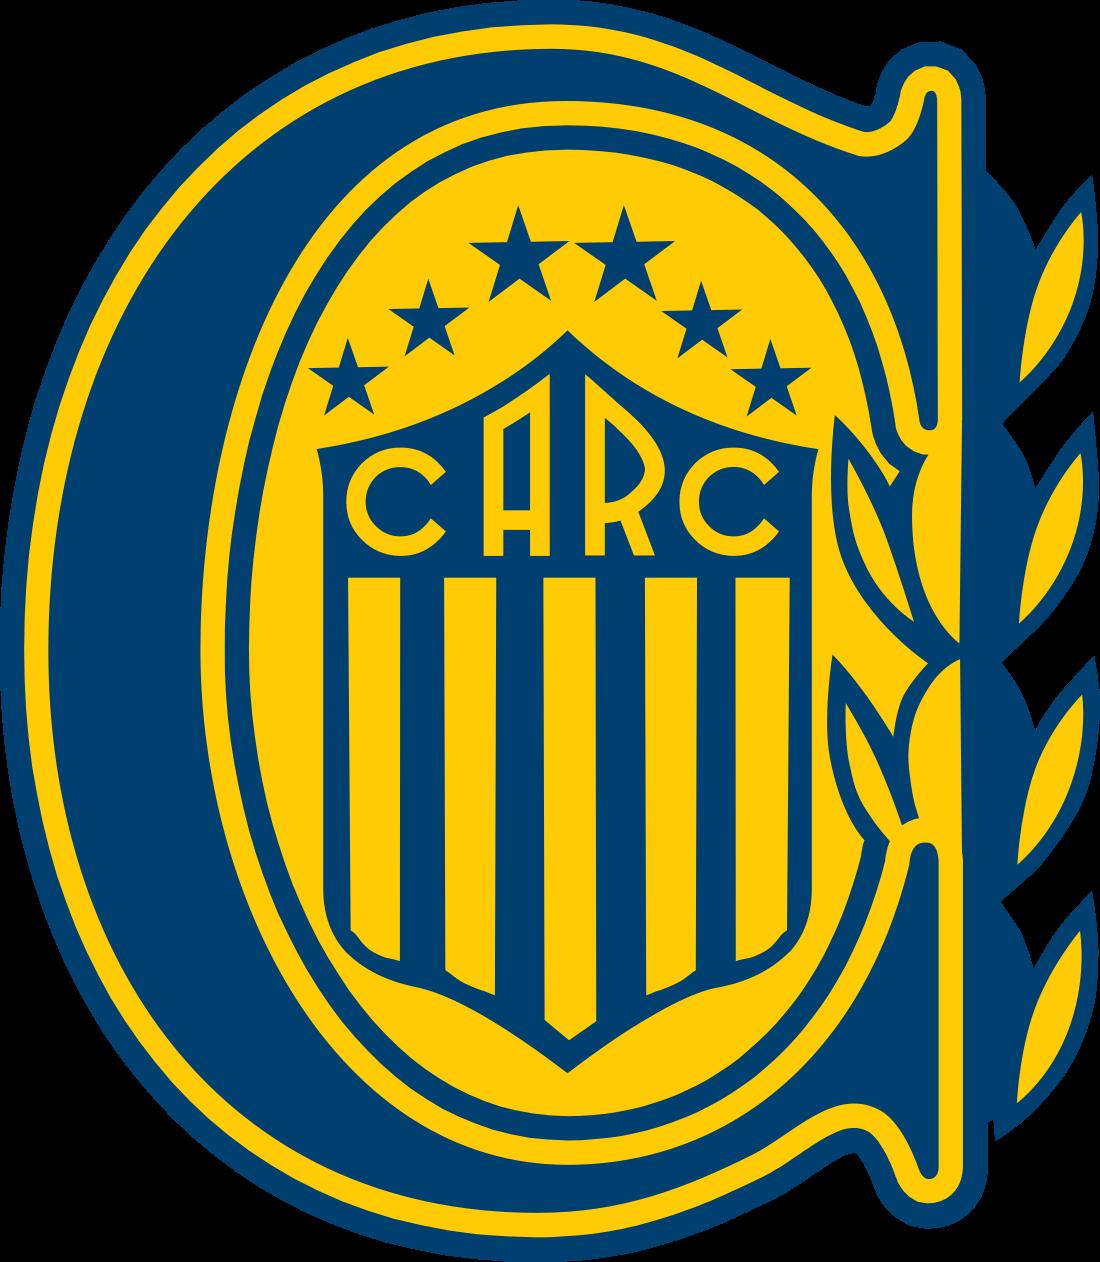 rosario central logo escudo 3 - Rosário Central Logo